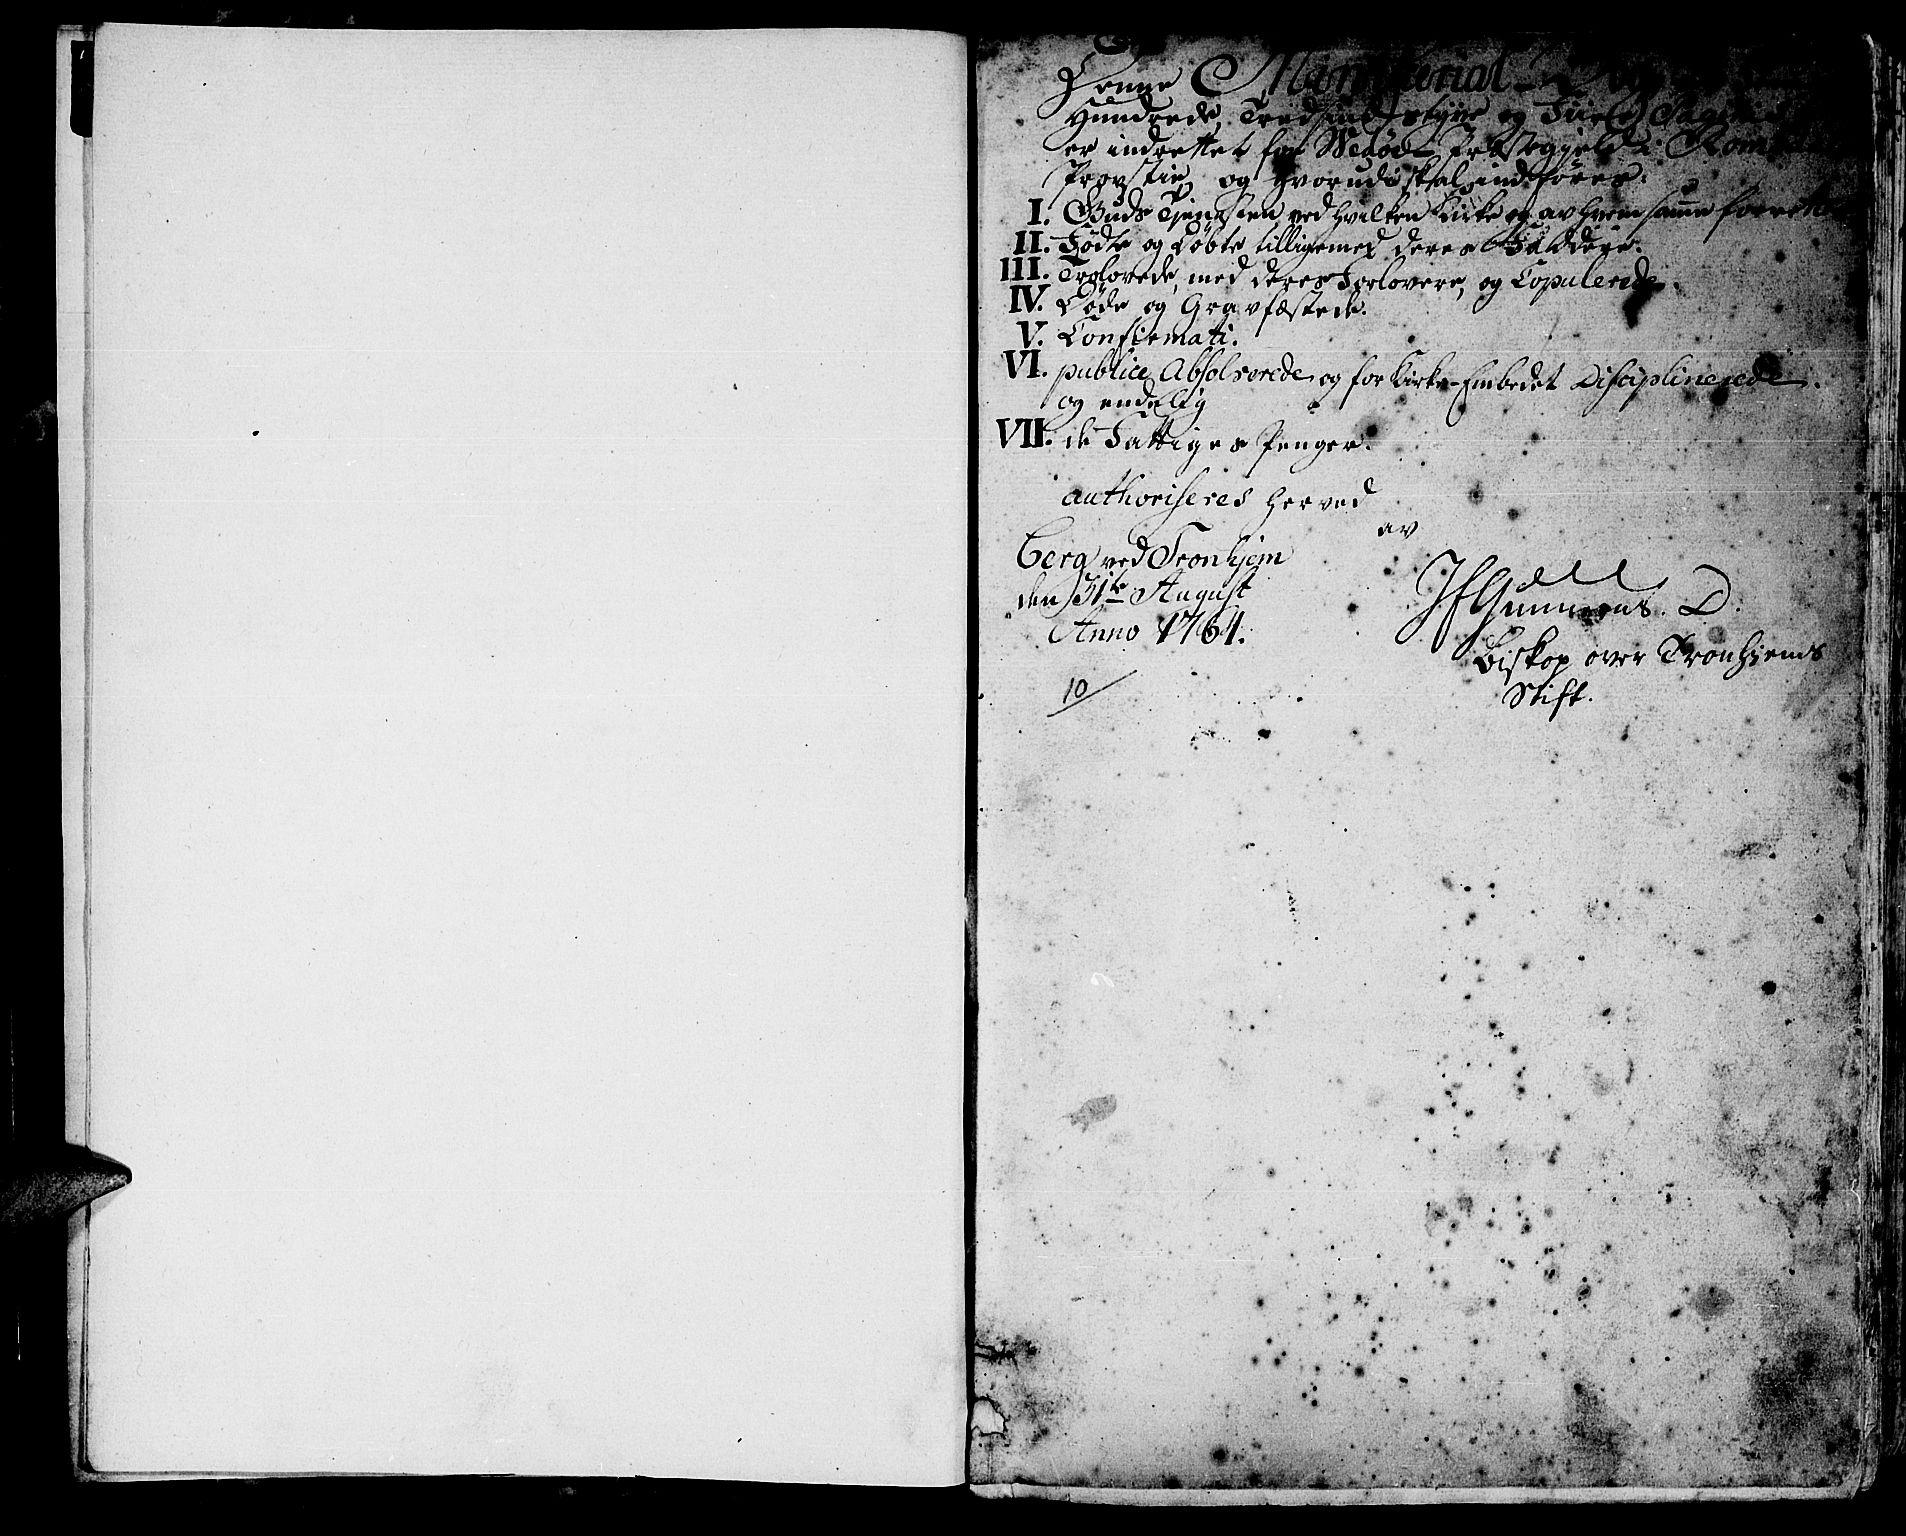 SAT, Ministerialprotokoller, klokkerbøker og fødselsregistre - Møre og Romsdal, 547/L0600: Ministerialbok nr. 547A02, 1765-1799, s. 0-1